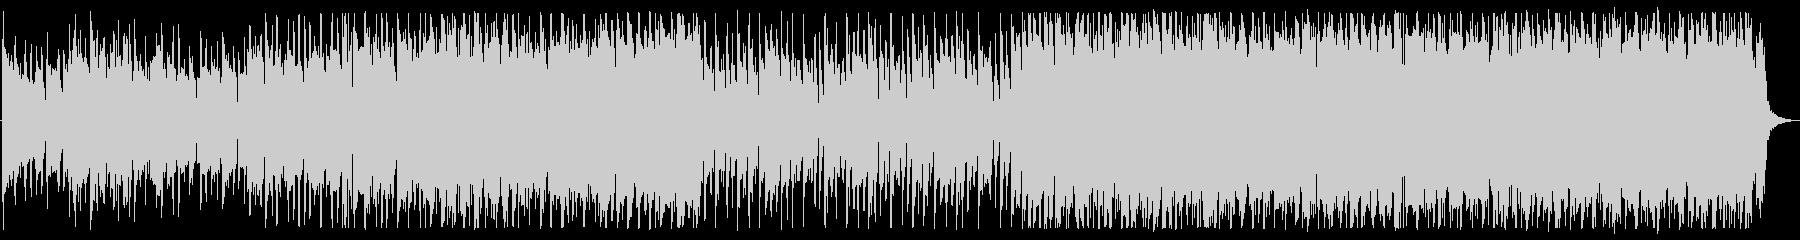 ギター/インディーロック_No454_3の未再生の波形